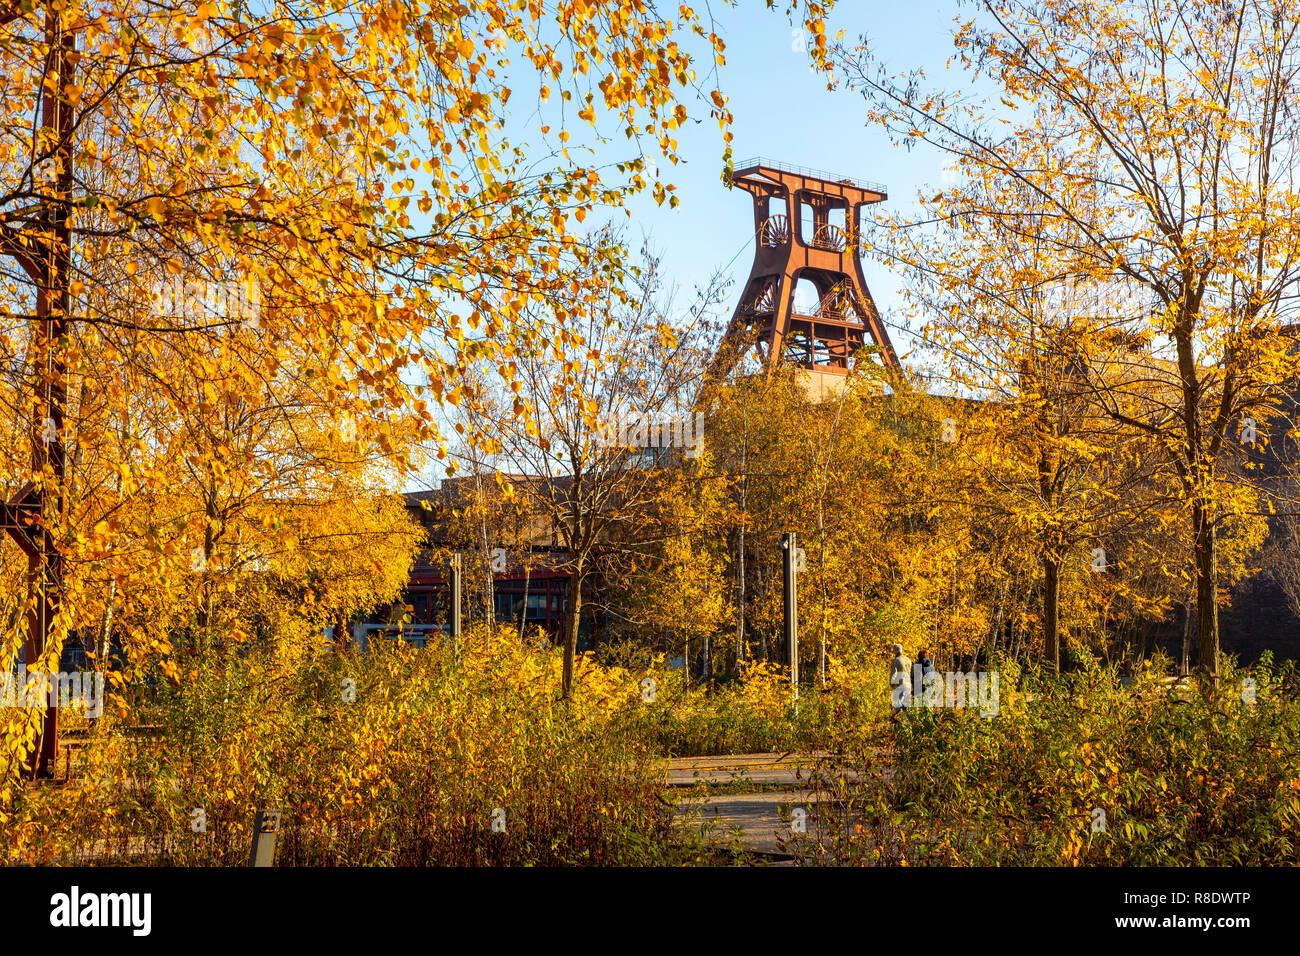 Der Zollverein Park, ehemalige Gleisanlagen, auf der Zeche Zollverein in Essen, Doppelbock Fördergerüst von Schacht XII, - Stock Image